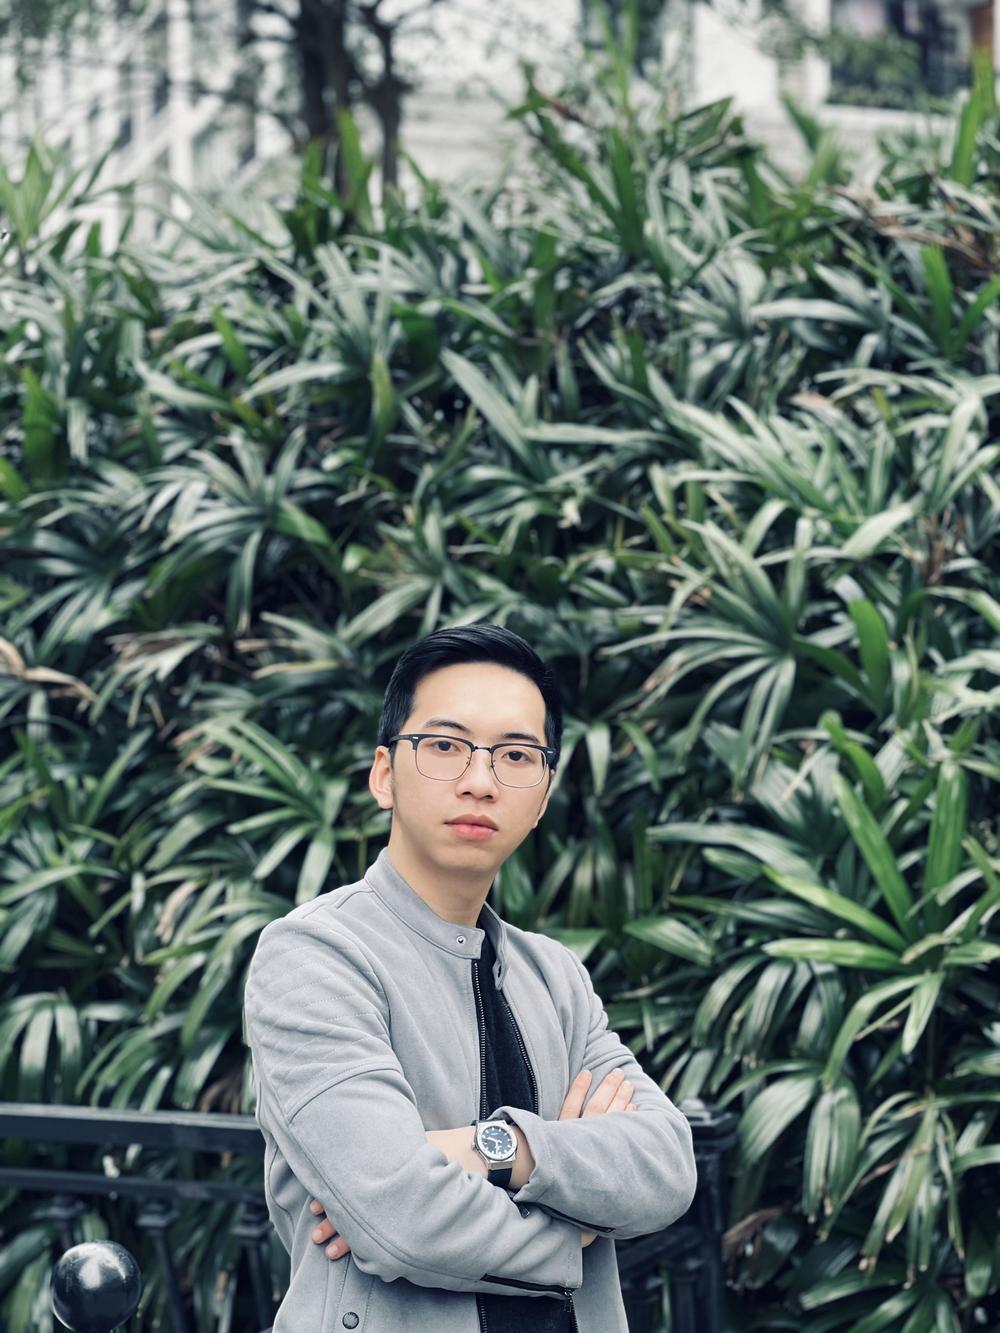 CEO Hoàng Đặng và hành trình khởi nghiệp vươn ra thế giới Ảnh 1